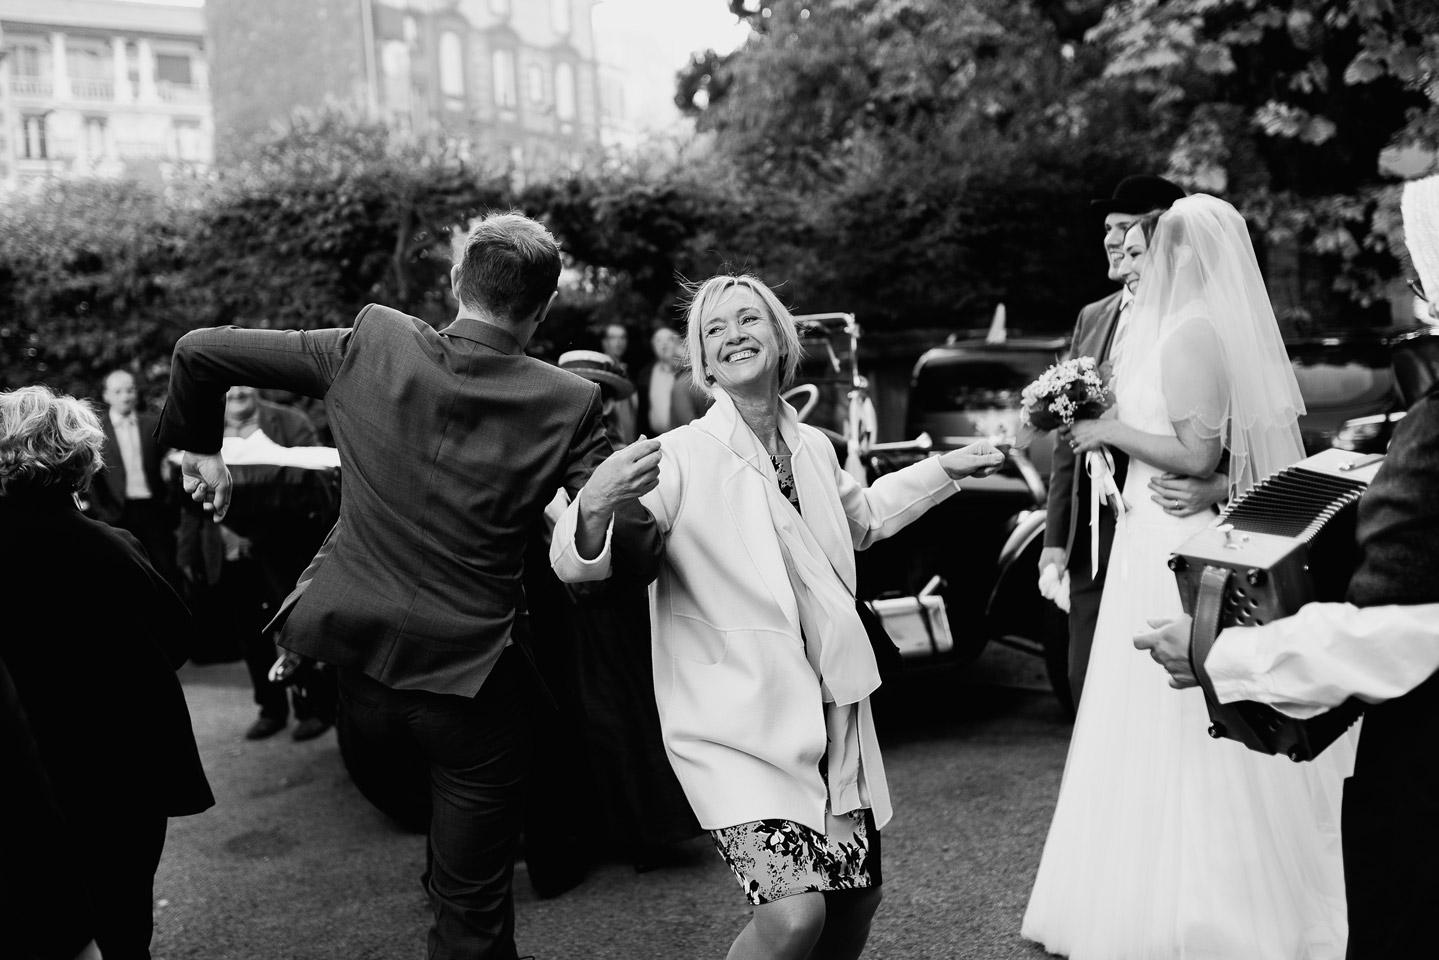 Hotel Royal Saint Mart Royat Clermont Ferrand Danses devant l'hôtel avant que les mariés entrent